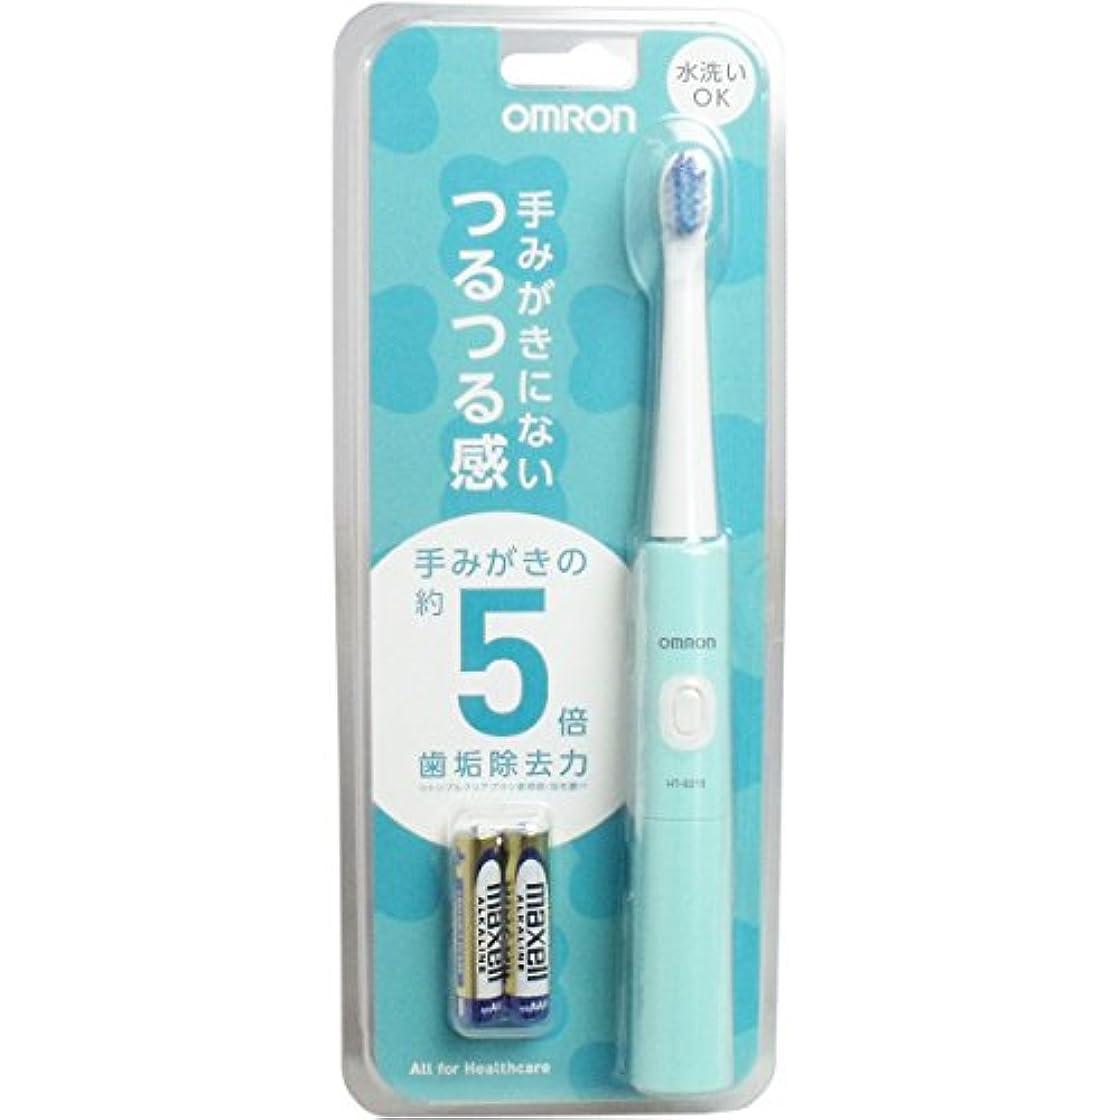 カビ厚さ離れたオムロンヘルスケア 音波式電動歯ブラシ ミントグリーン HT-B210-G